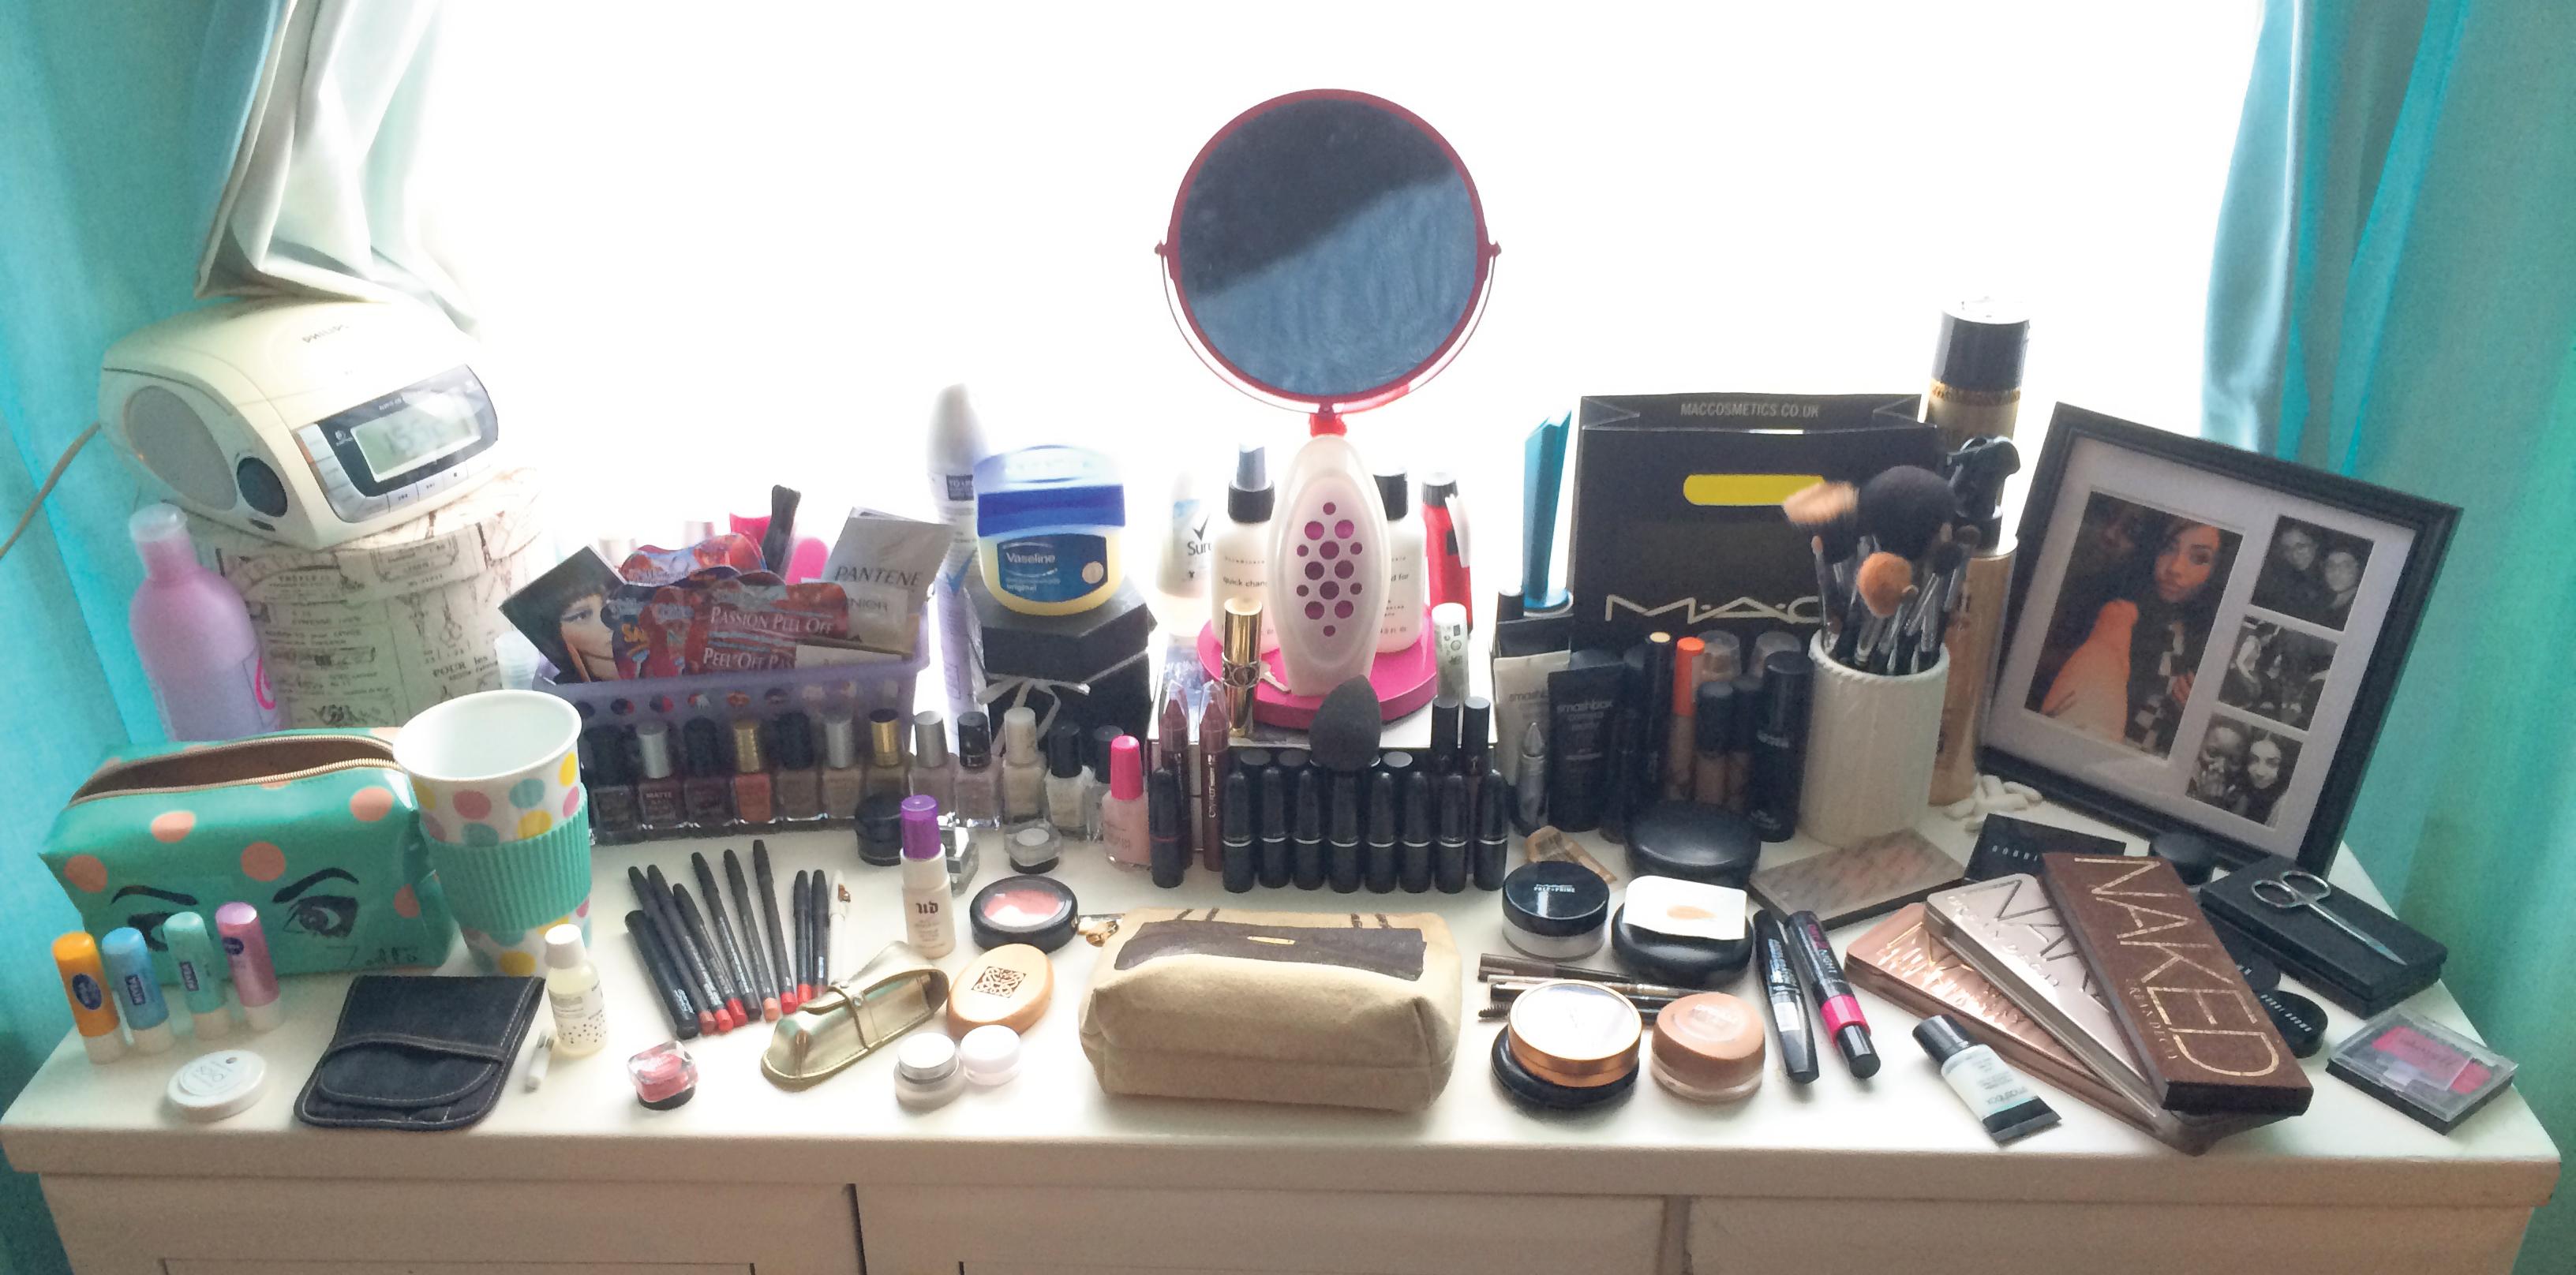 Show me makeup